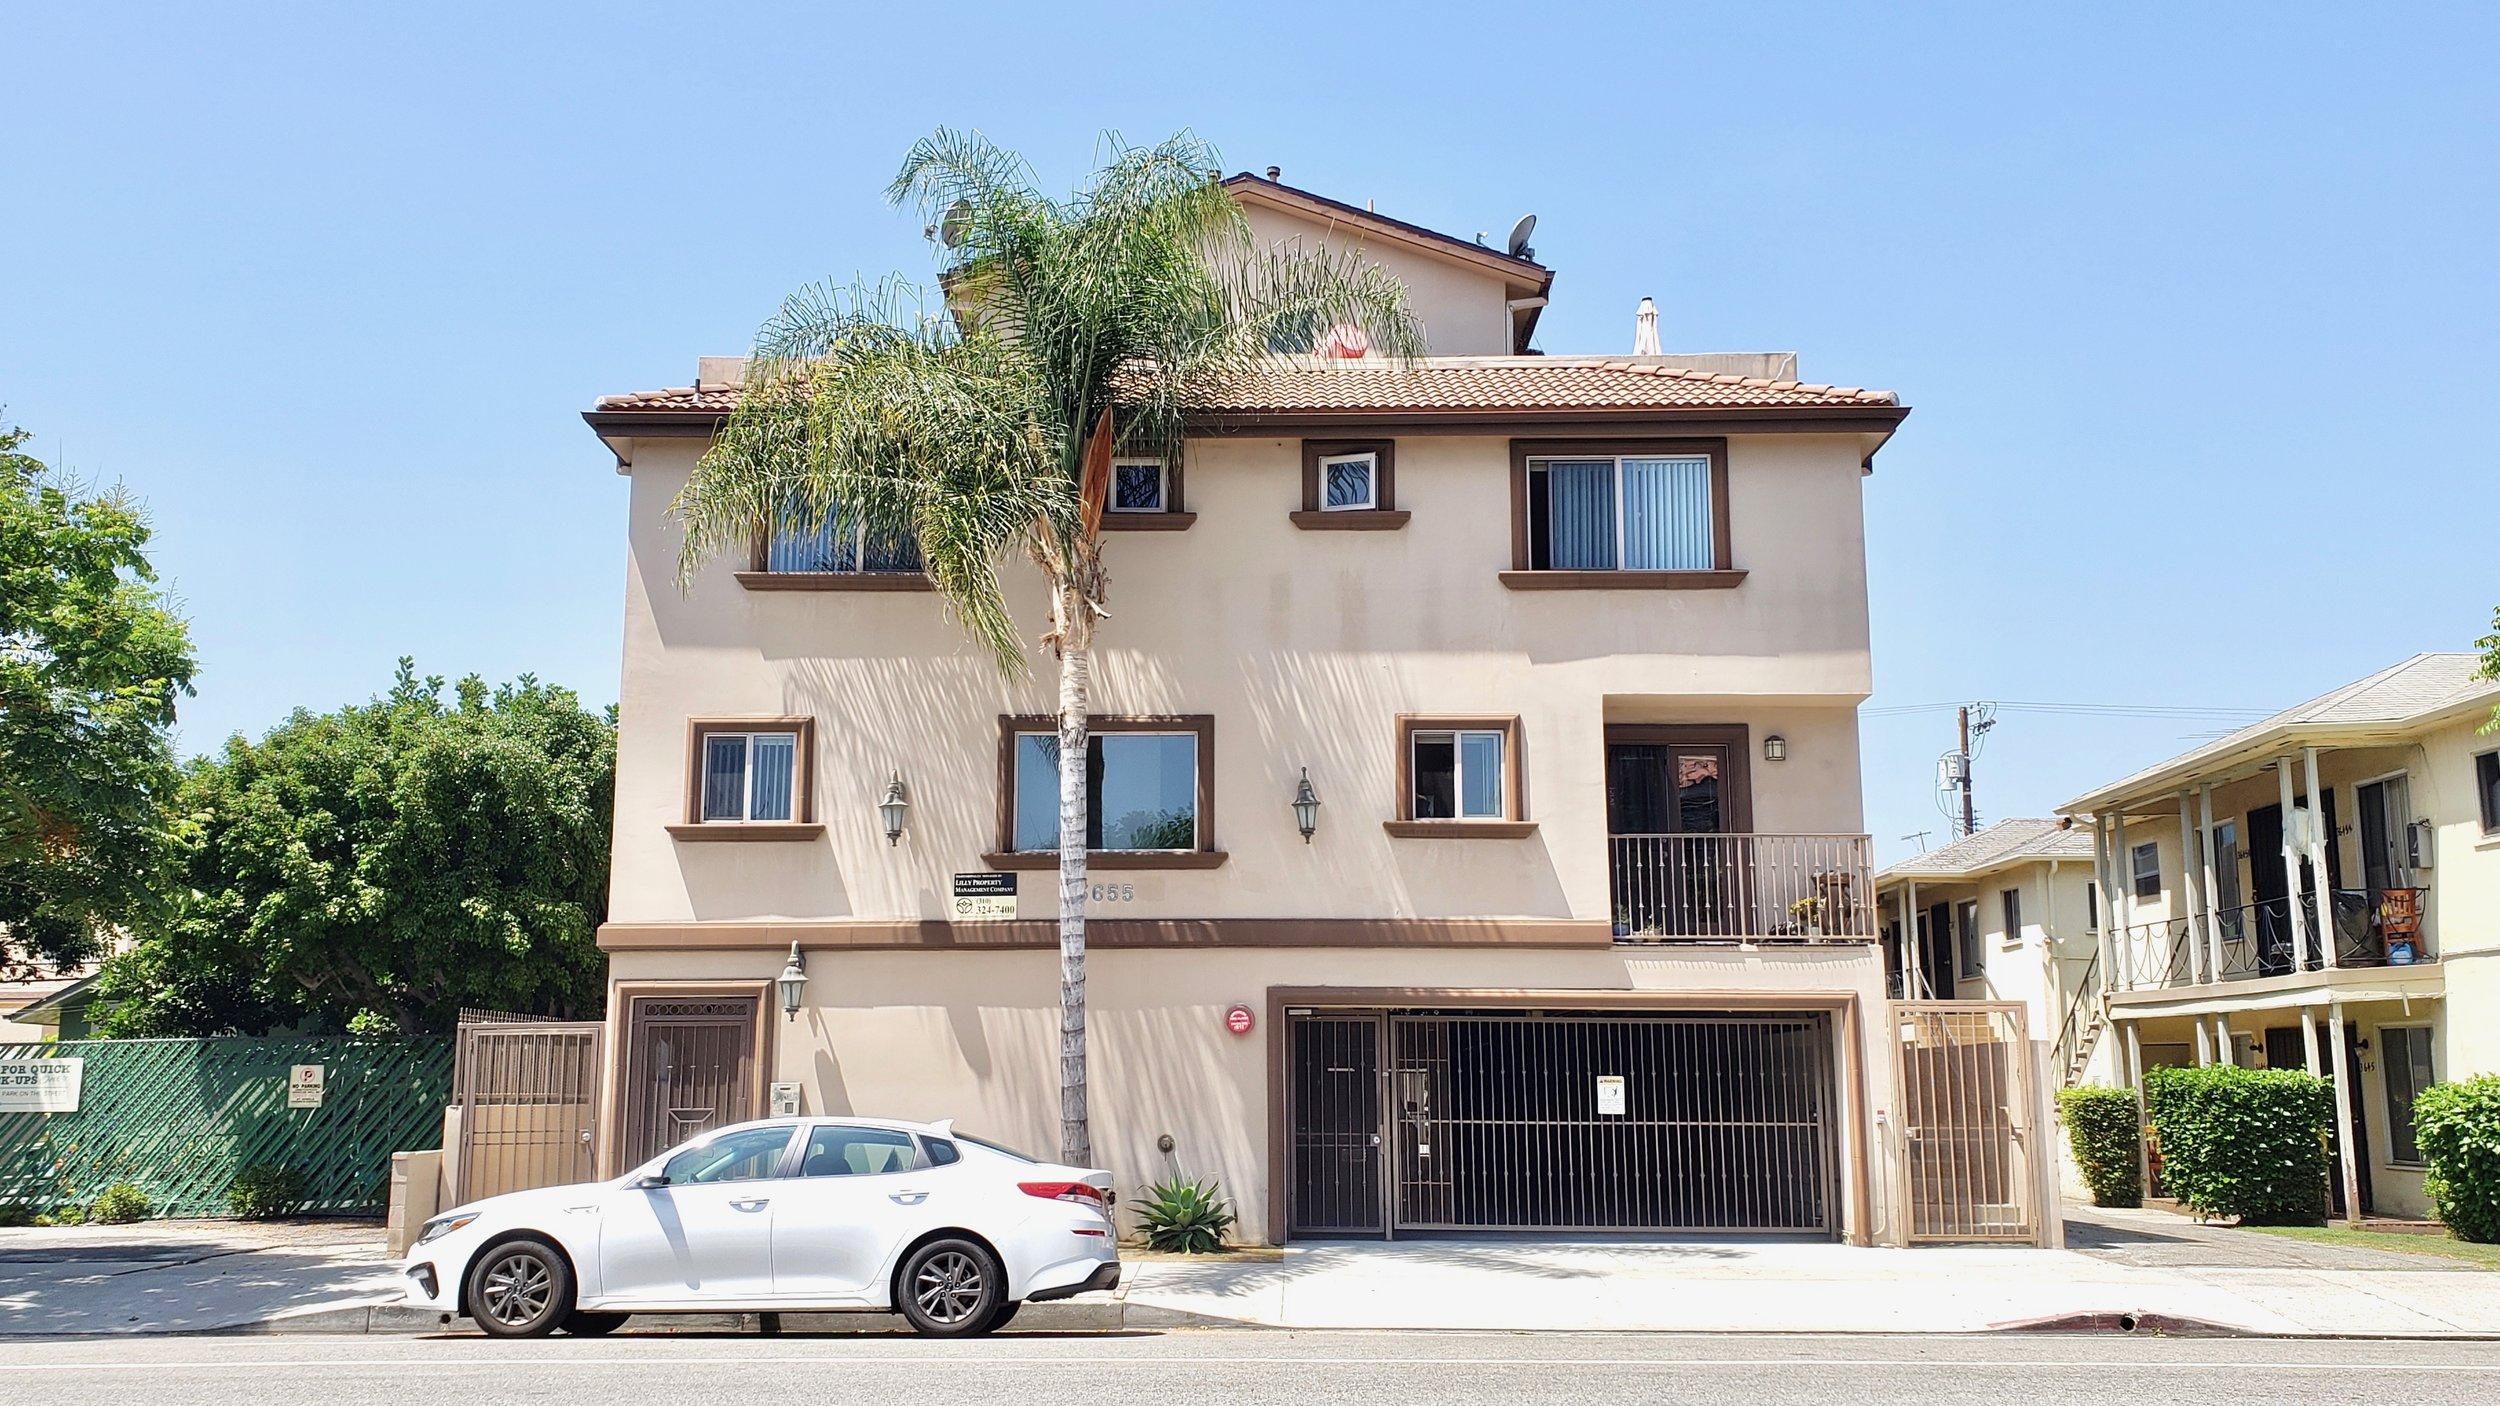 Los Angeles (Palms/Mar Vista), CA